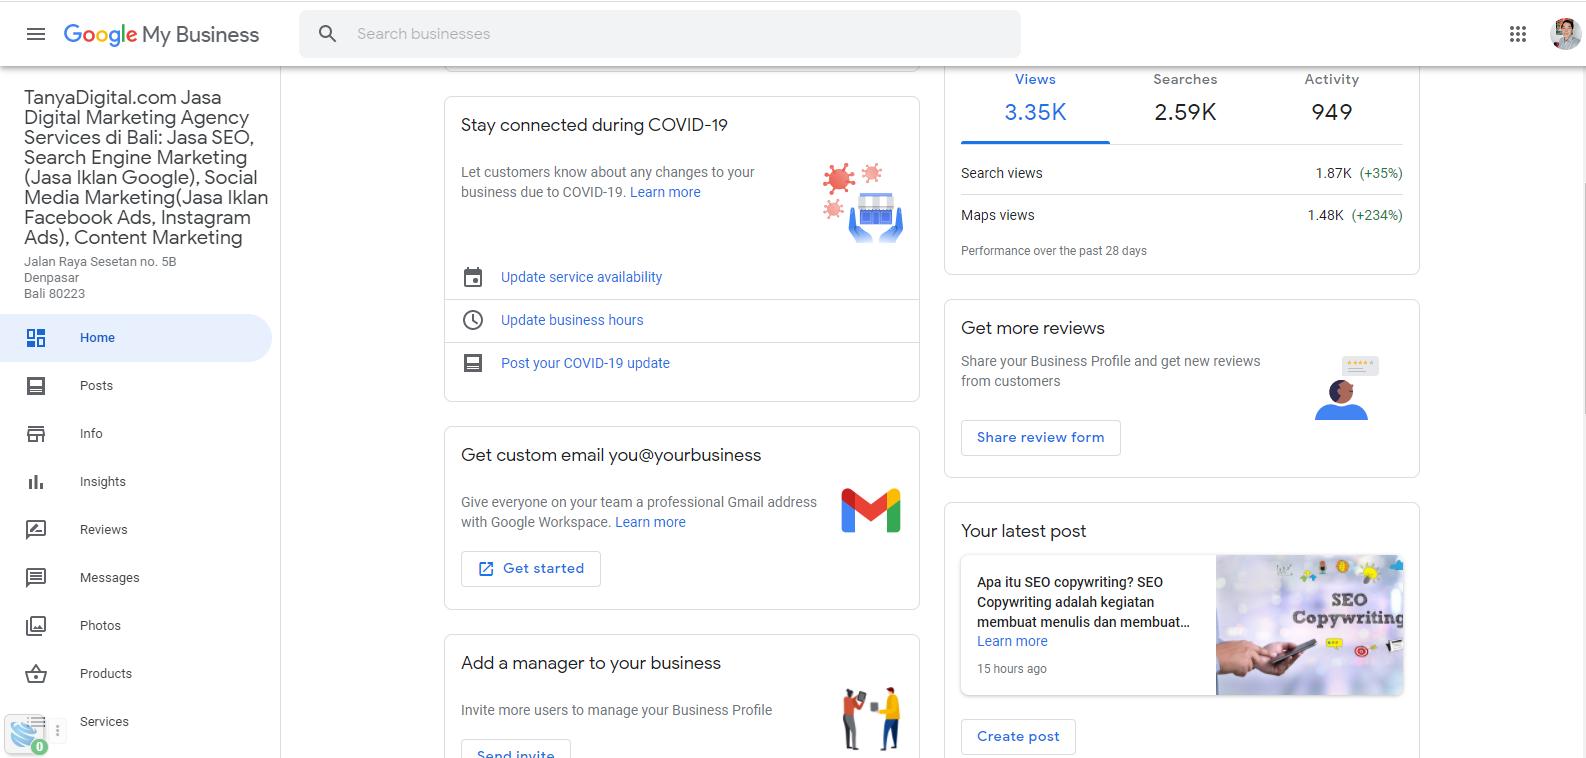 Apa Itu Google Bisnisku Manfaat Dan Pentingnya Google My Business Tanyadigital Com